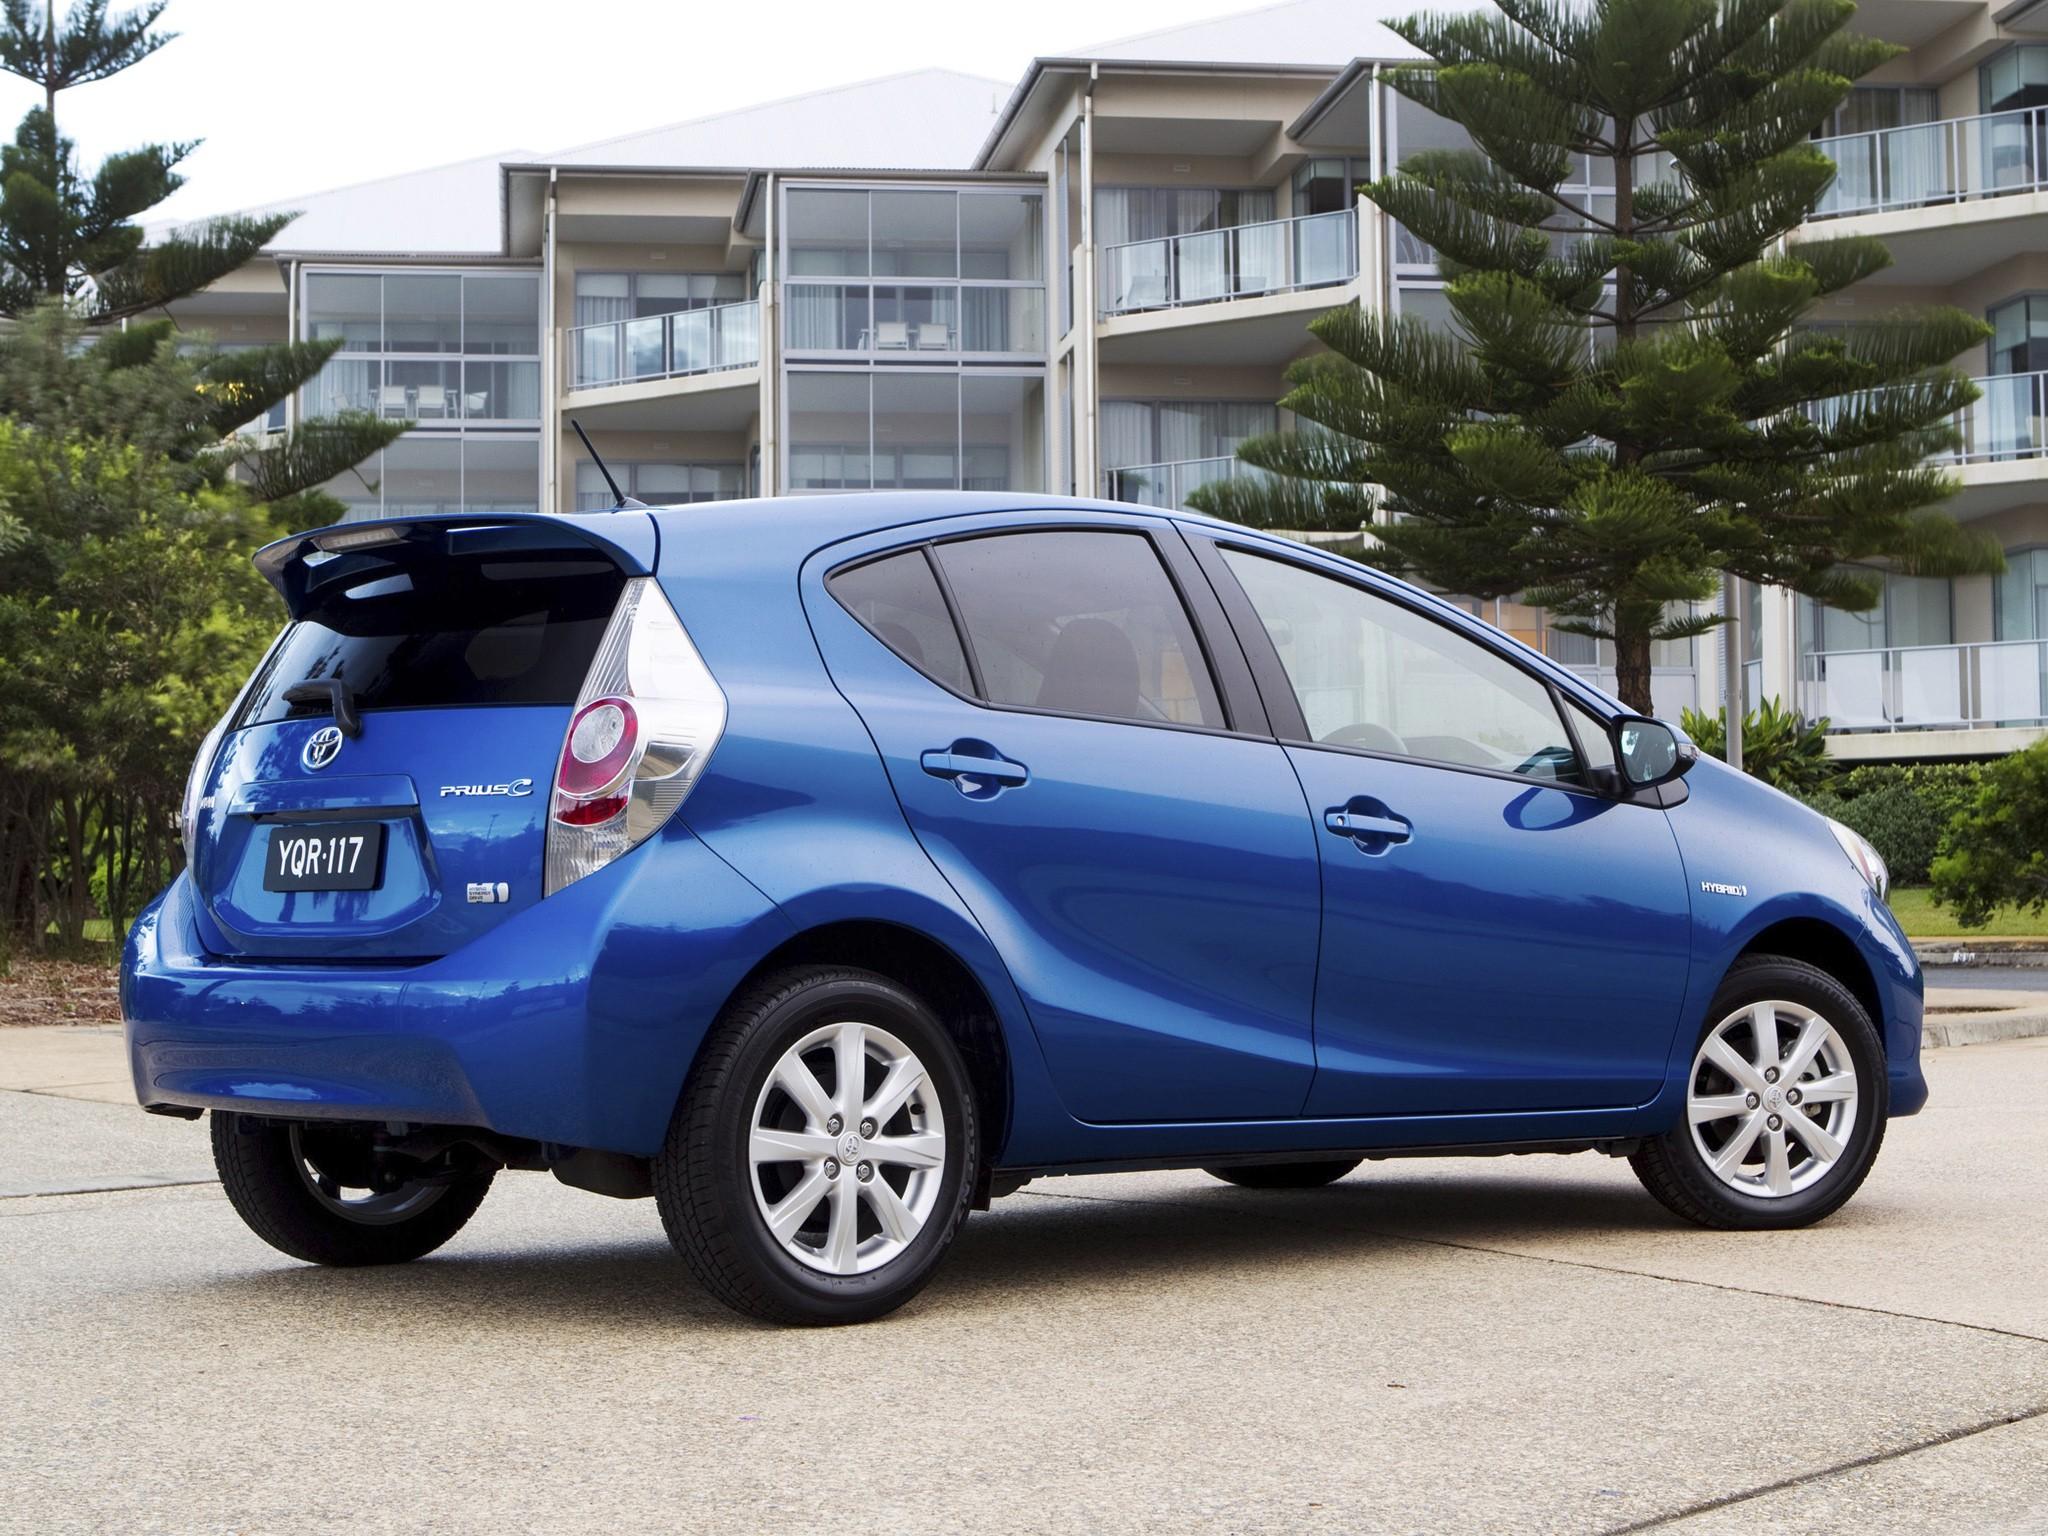 Toyota Prius C Aqua 2012 2013 2014 2015 Autoevolution